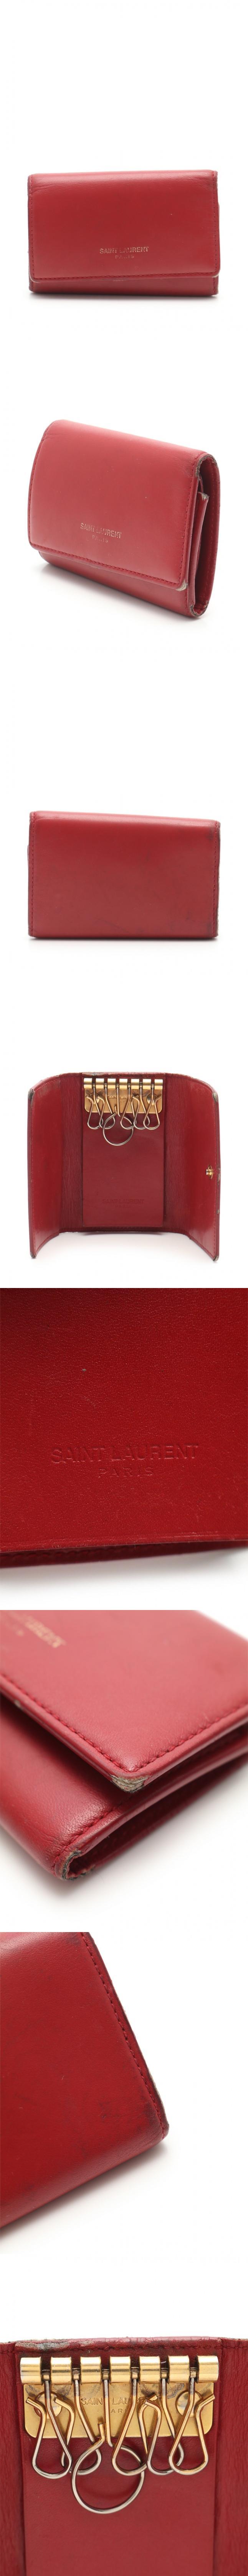 6連キーケース クラシック ボックス 赤 小物 レザー 335582